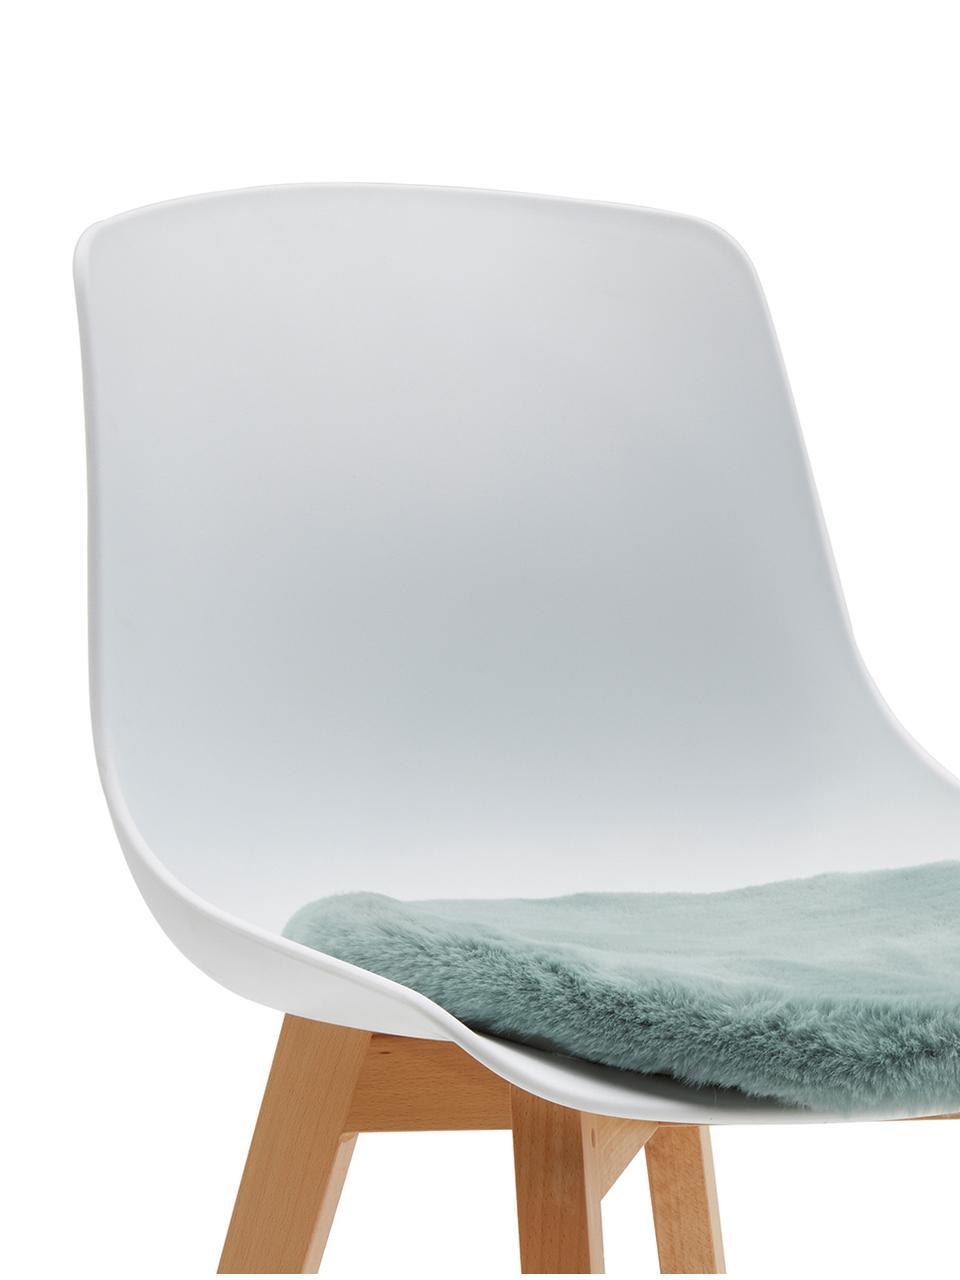 Galette de chaise en fourrure synthétique lisse Mette, Vert